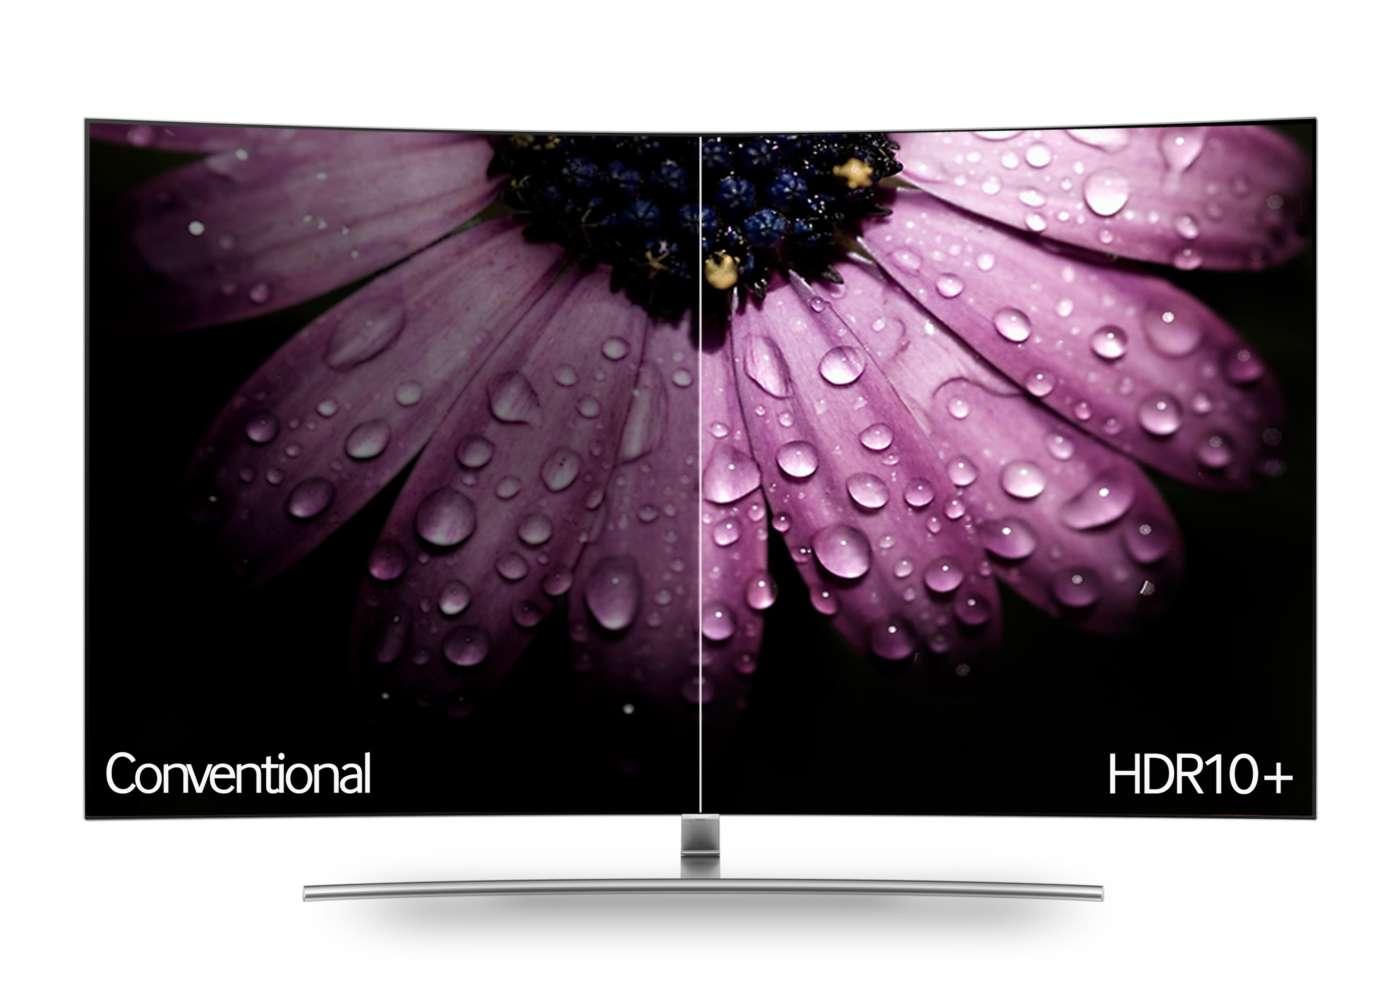 Guida alla scelta del televisore